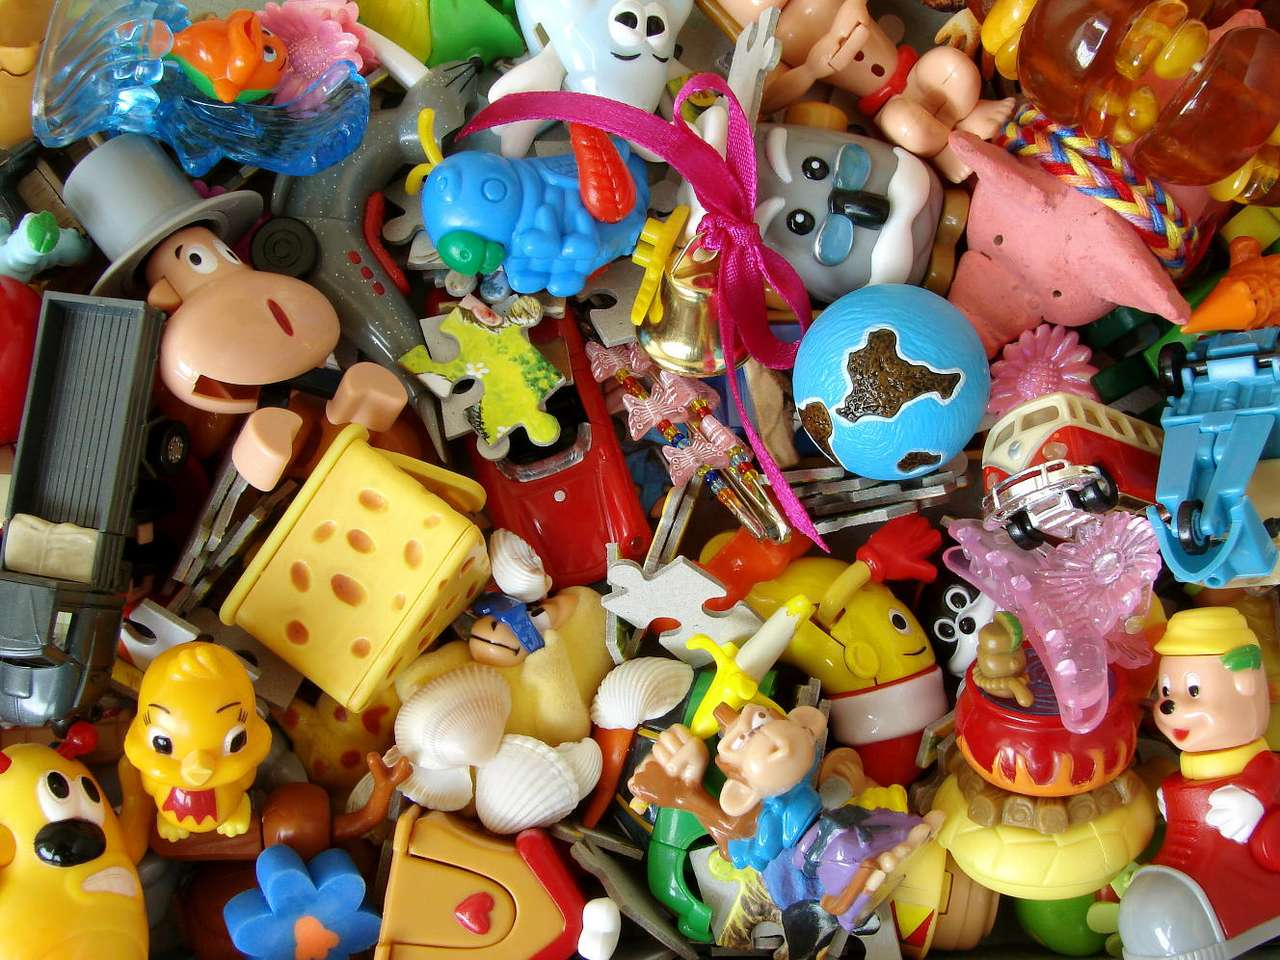 Dziecięce zabawki - Kolorowe, wesołe, często piszczące lub grające zabawki kupowane są chętnie dla dzieci. Nie zawsze jednak, spośród morza kolorowych przedmiotów, łatwo wyłowić tę najlepszą zabawkę - bezp (16×12)